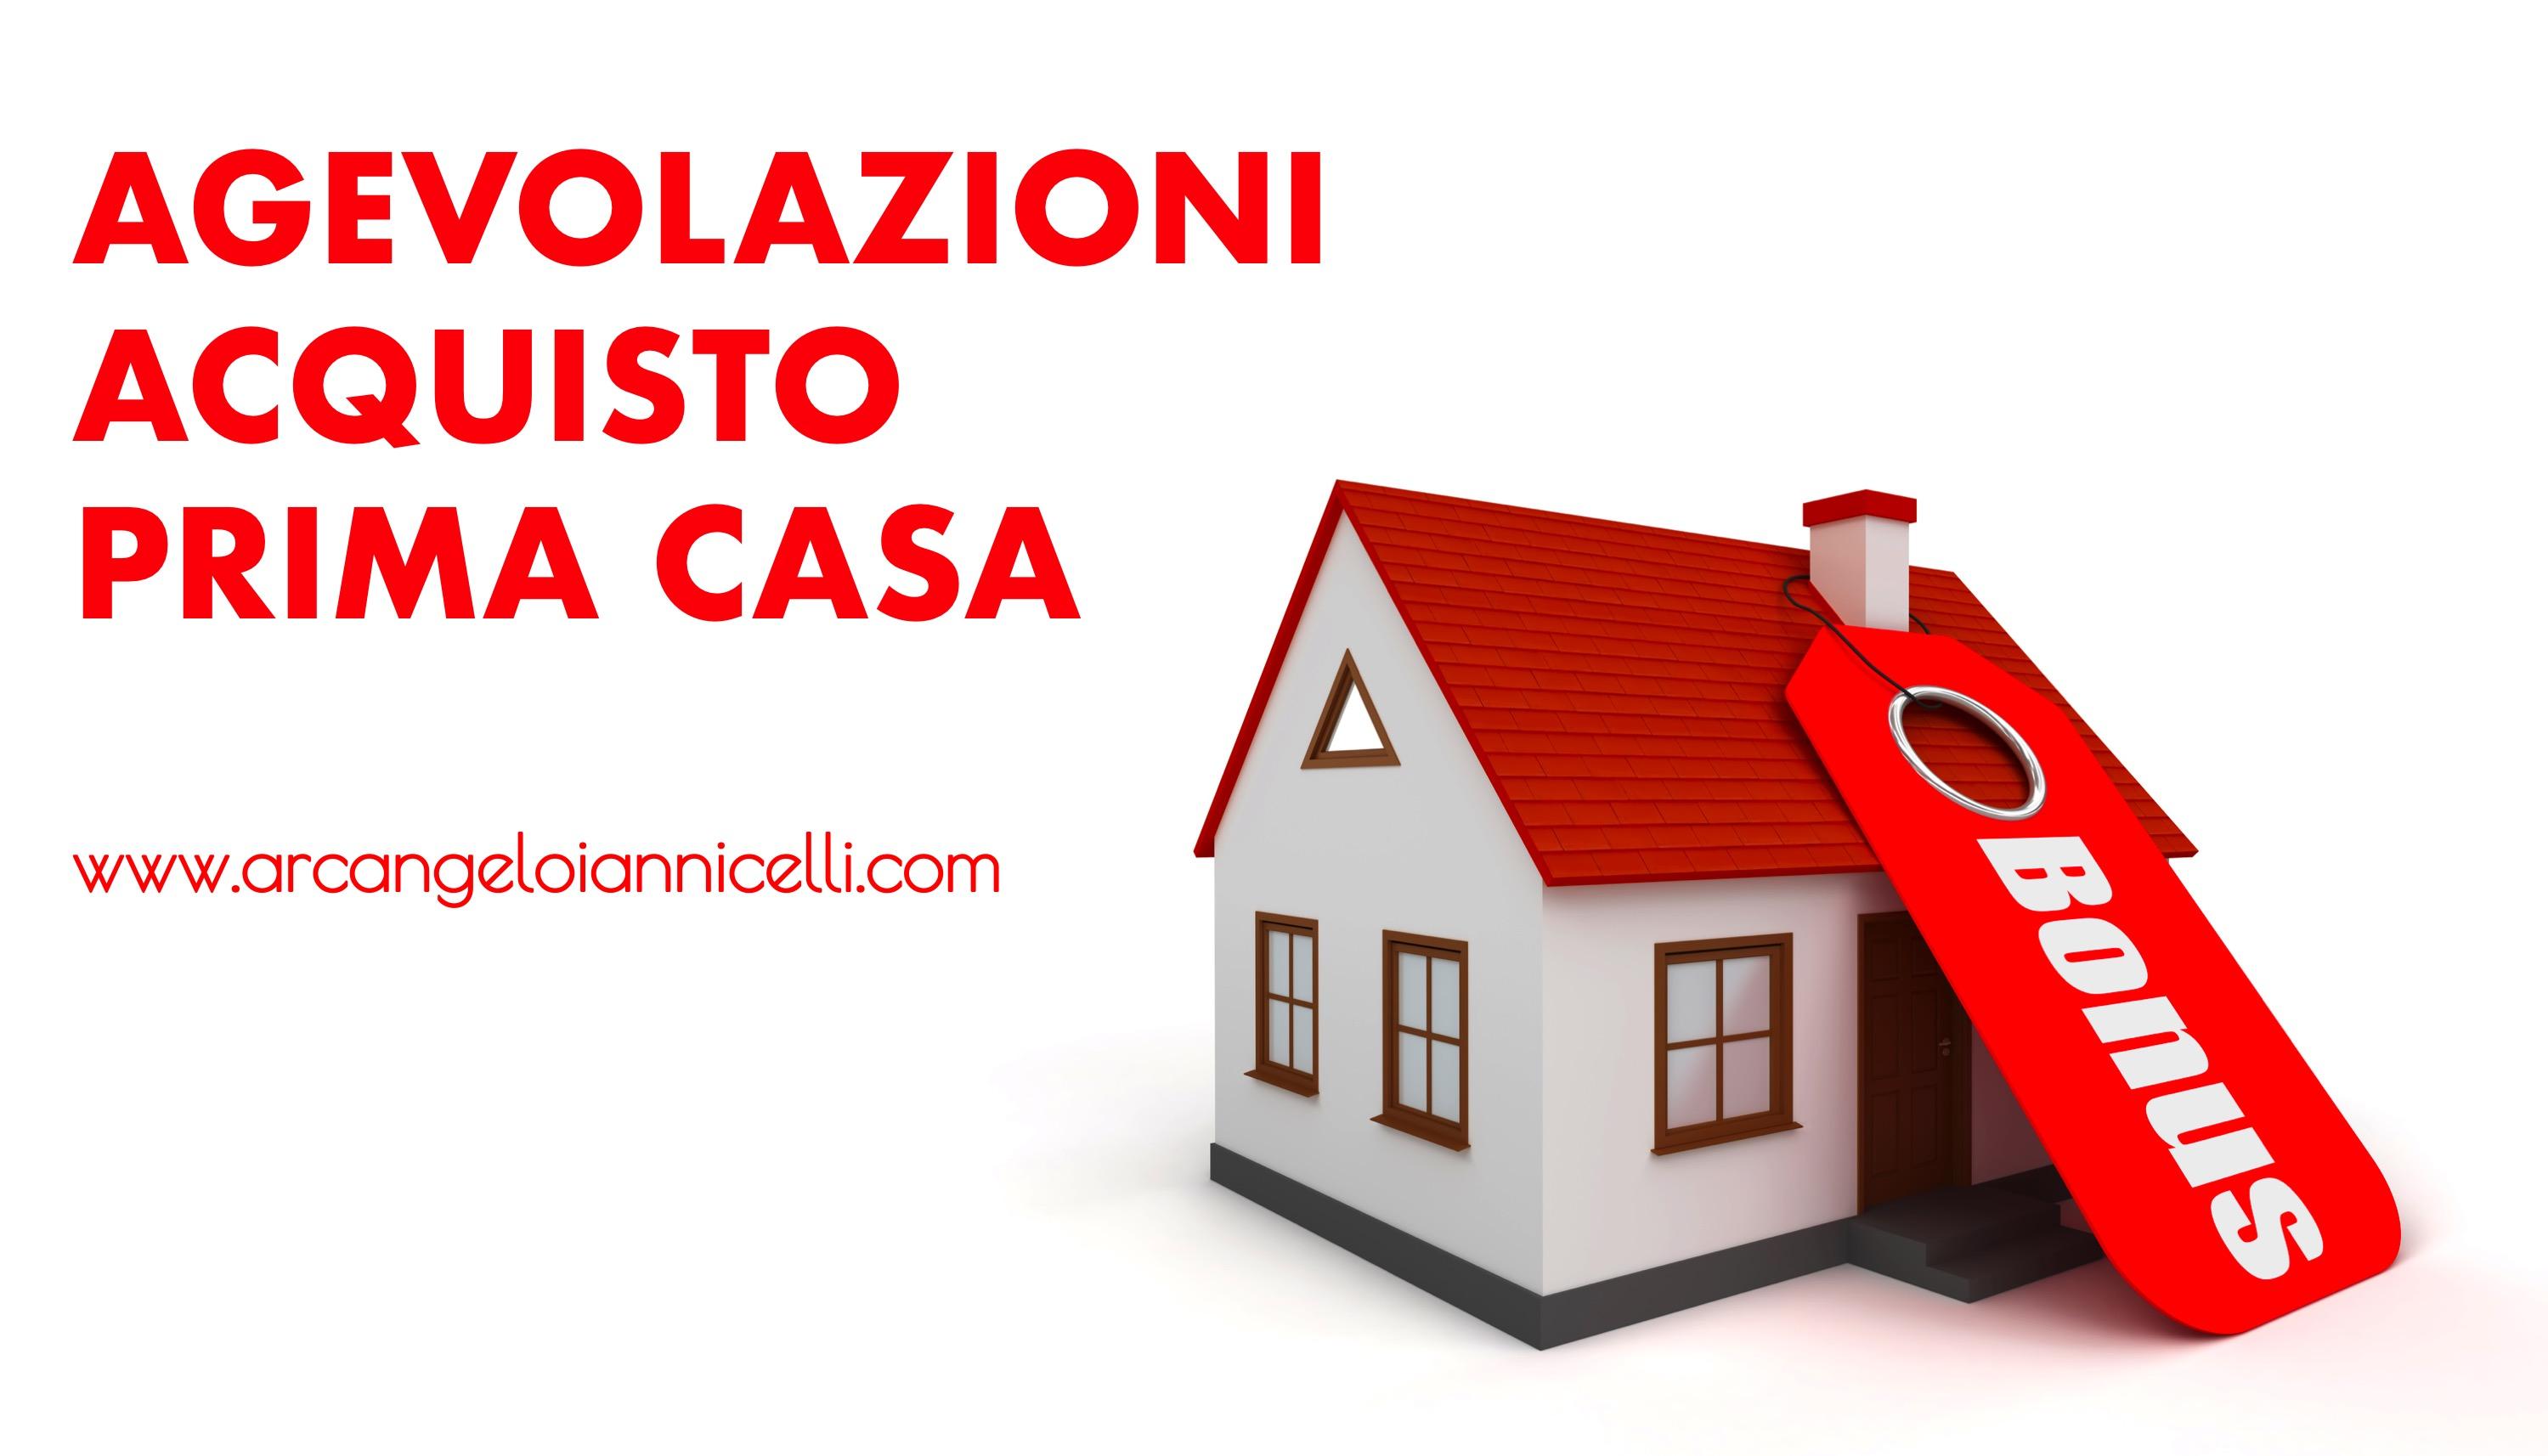 Agevolazioni acquisto prima casa arcangelo iannicelli for Acquisto prima casa agevolazioni